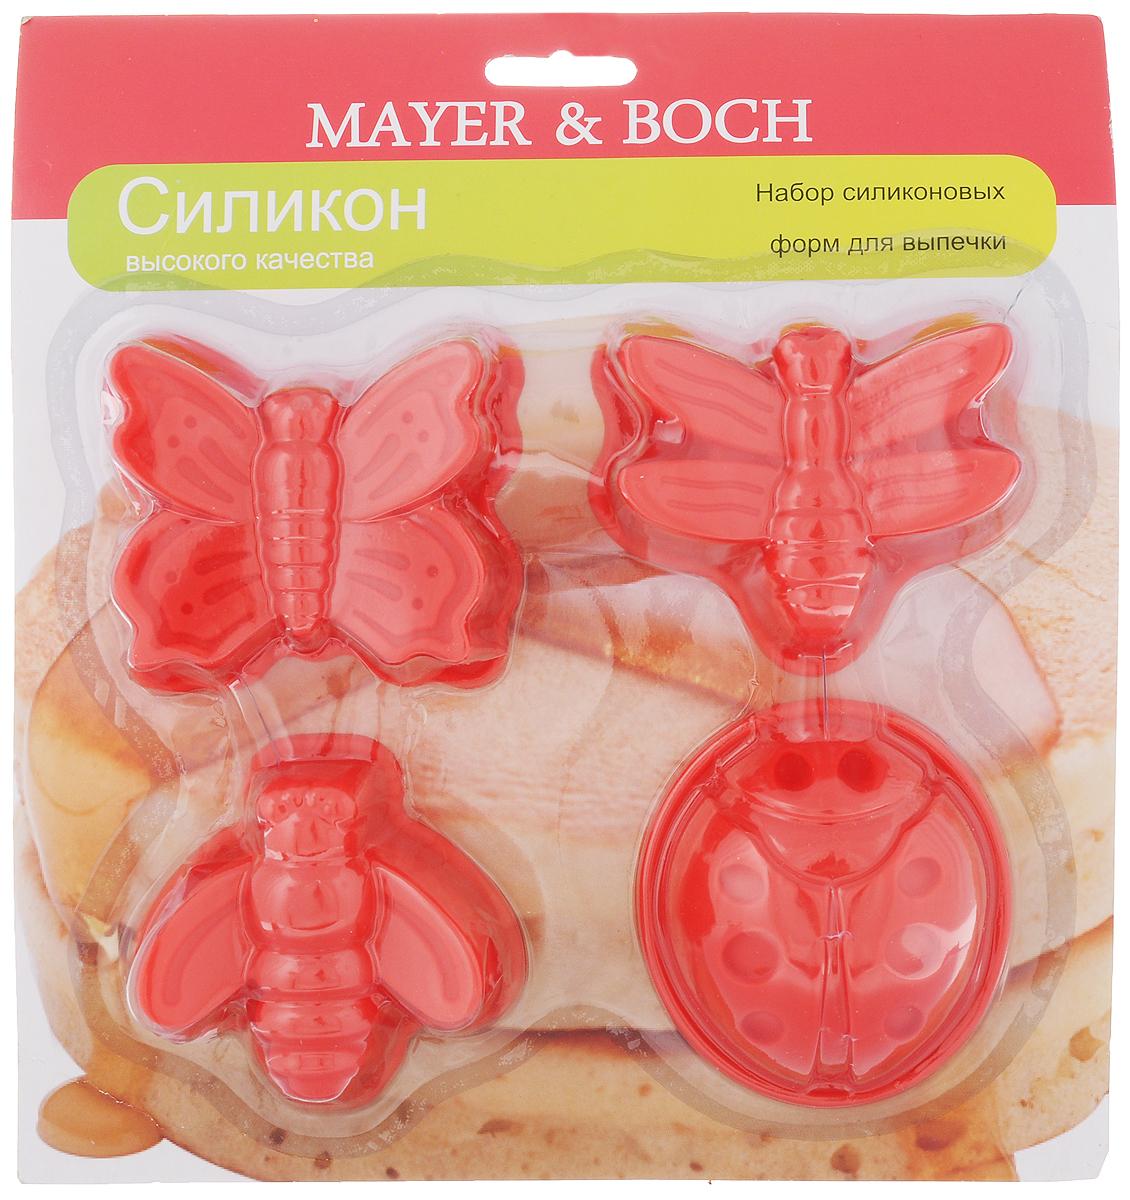 Набор форм для выпечки Mayer & Boch, цвет: красный, 4 шт22079_красныйНабор Mayer & Boch состоит из 4 форм, которые выполнены в виде насекомых. Изделия изготовлены из высококачественного силикона, выдерживающего температуру от -40°C до +210°C. Если вы любите побаловать своих домашних вкусным и ароматным угощением по вашему оригинальному рецепту, то формы Mayer & Boch как раз то, что вам нужно! Можно использовать в духовом шкафу и микроволновой печи без использования режима гриль. Подходит для морозильной камеры и мытья в посудомоечной машине. Средний размер форм: 7 х 7 х 3 см.